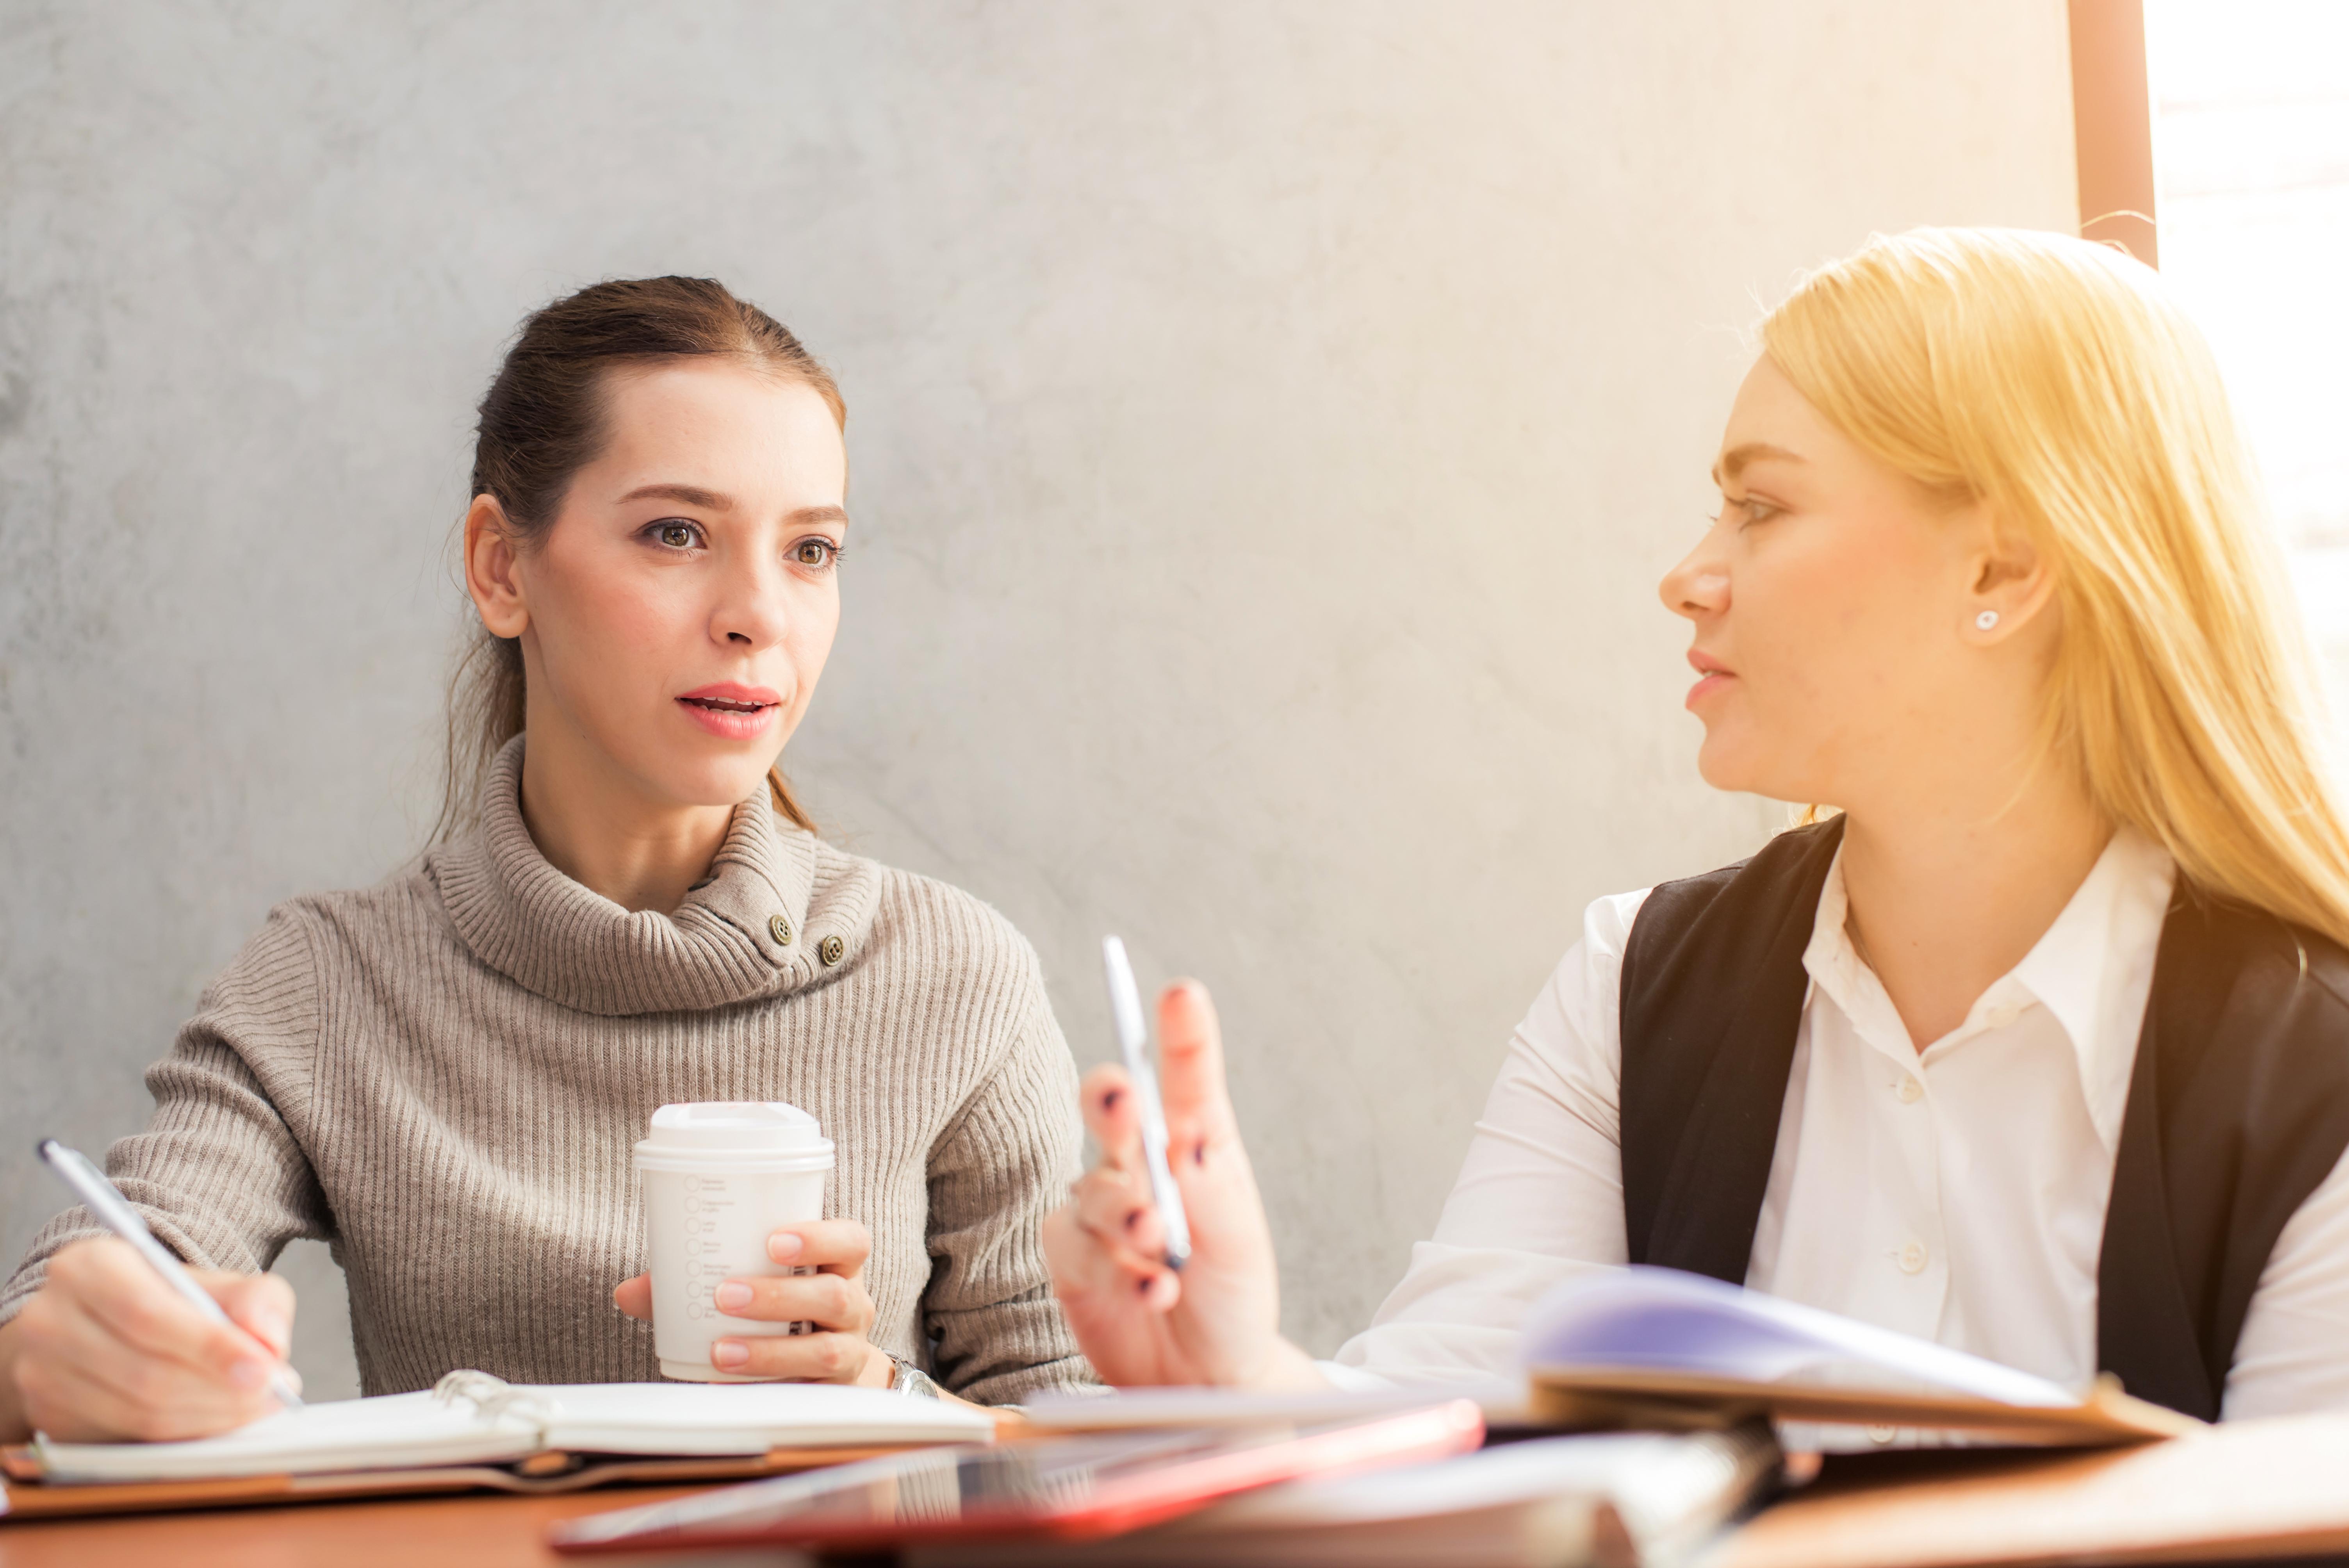 452b92642c Disuguaglianze di genere in azienda